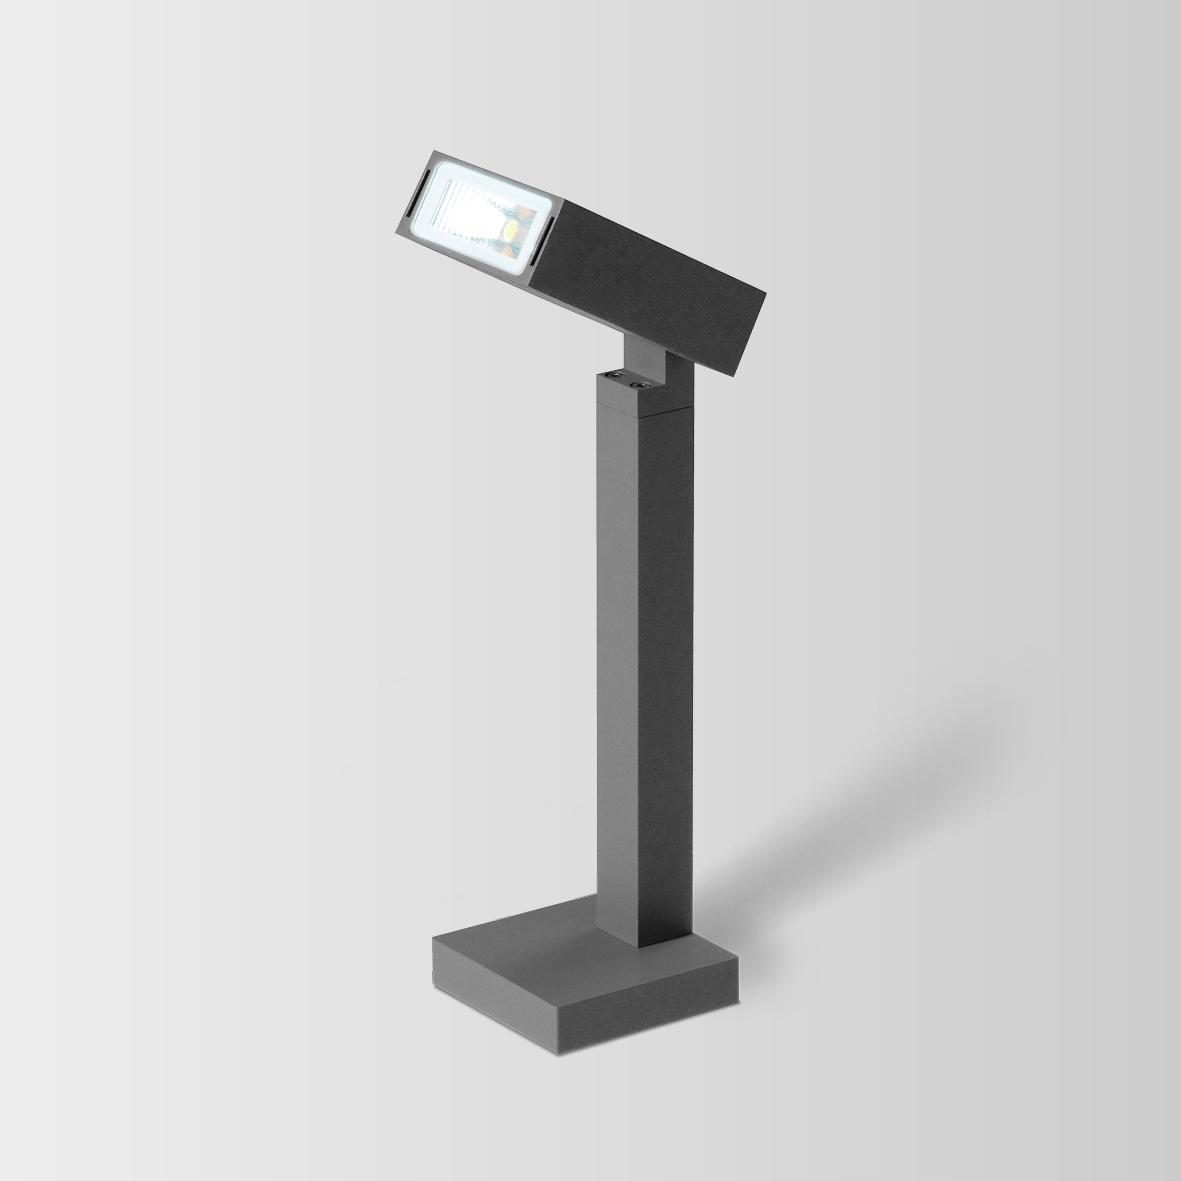 STAKE 2.0 LED 3000K DIM TUMEHALL 8W 80CRI 220-240VAC ilma postita, välisvalgusti